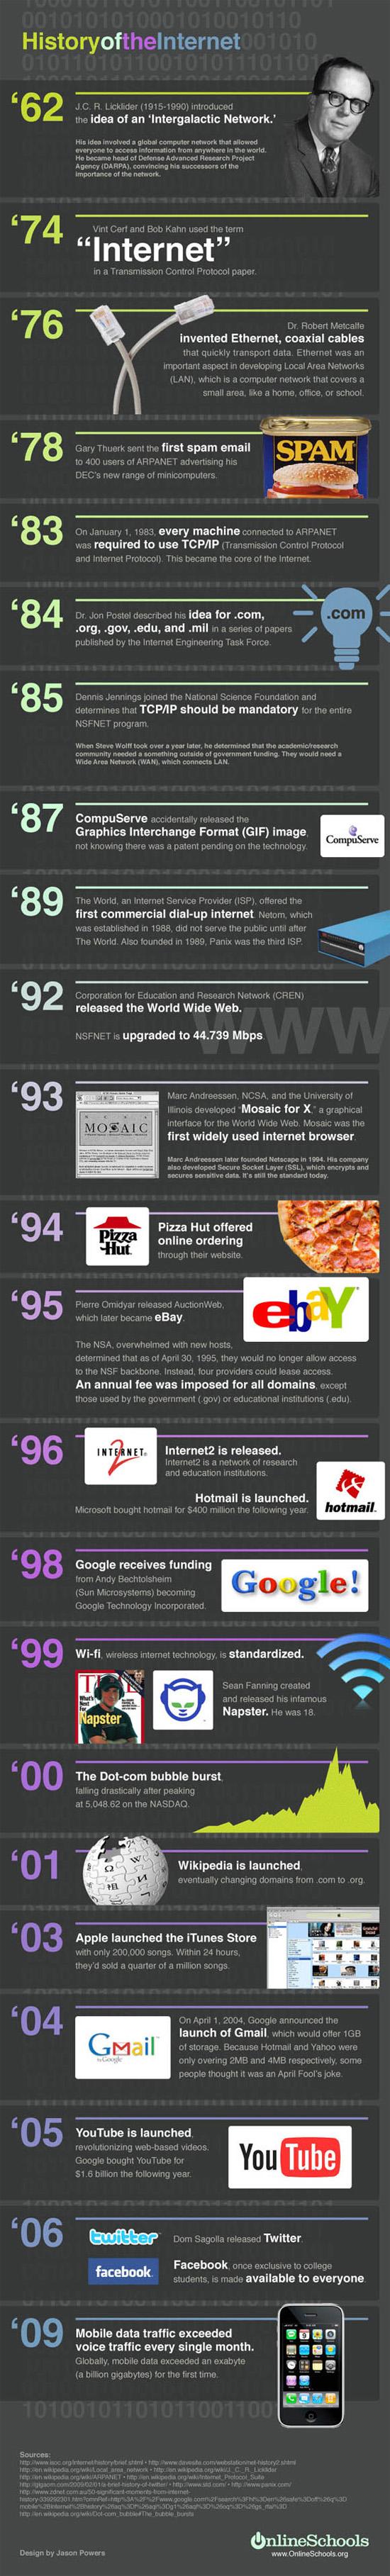 Infographique sur l'histoire de l'internet